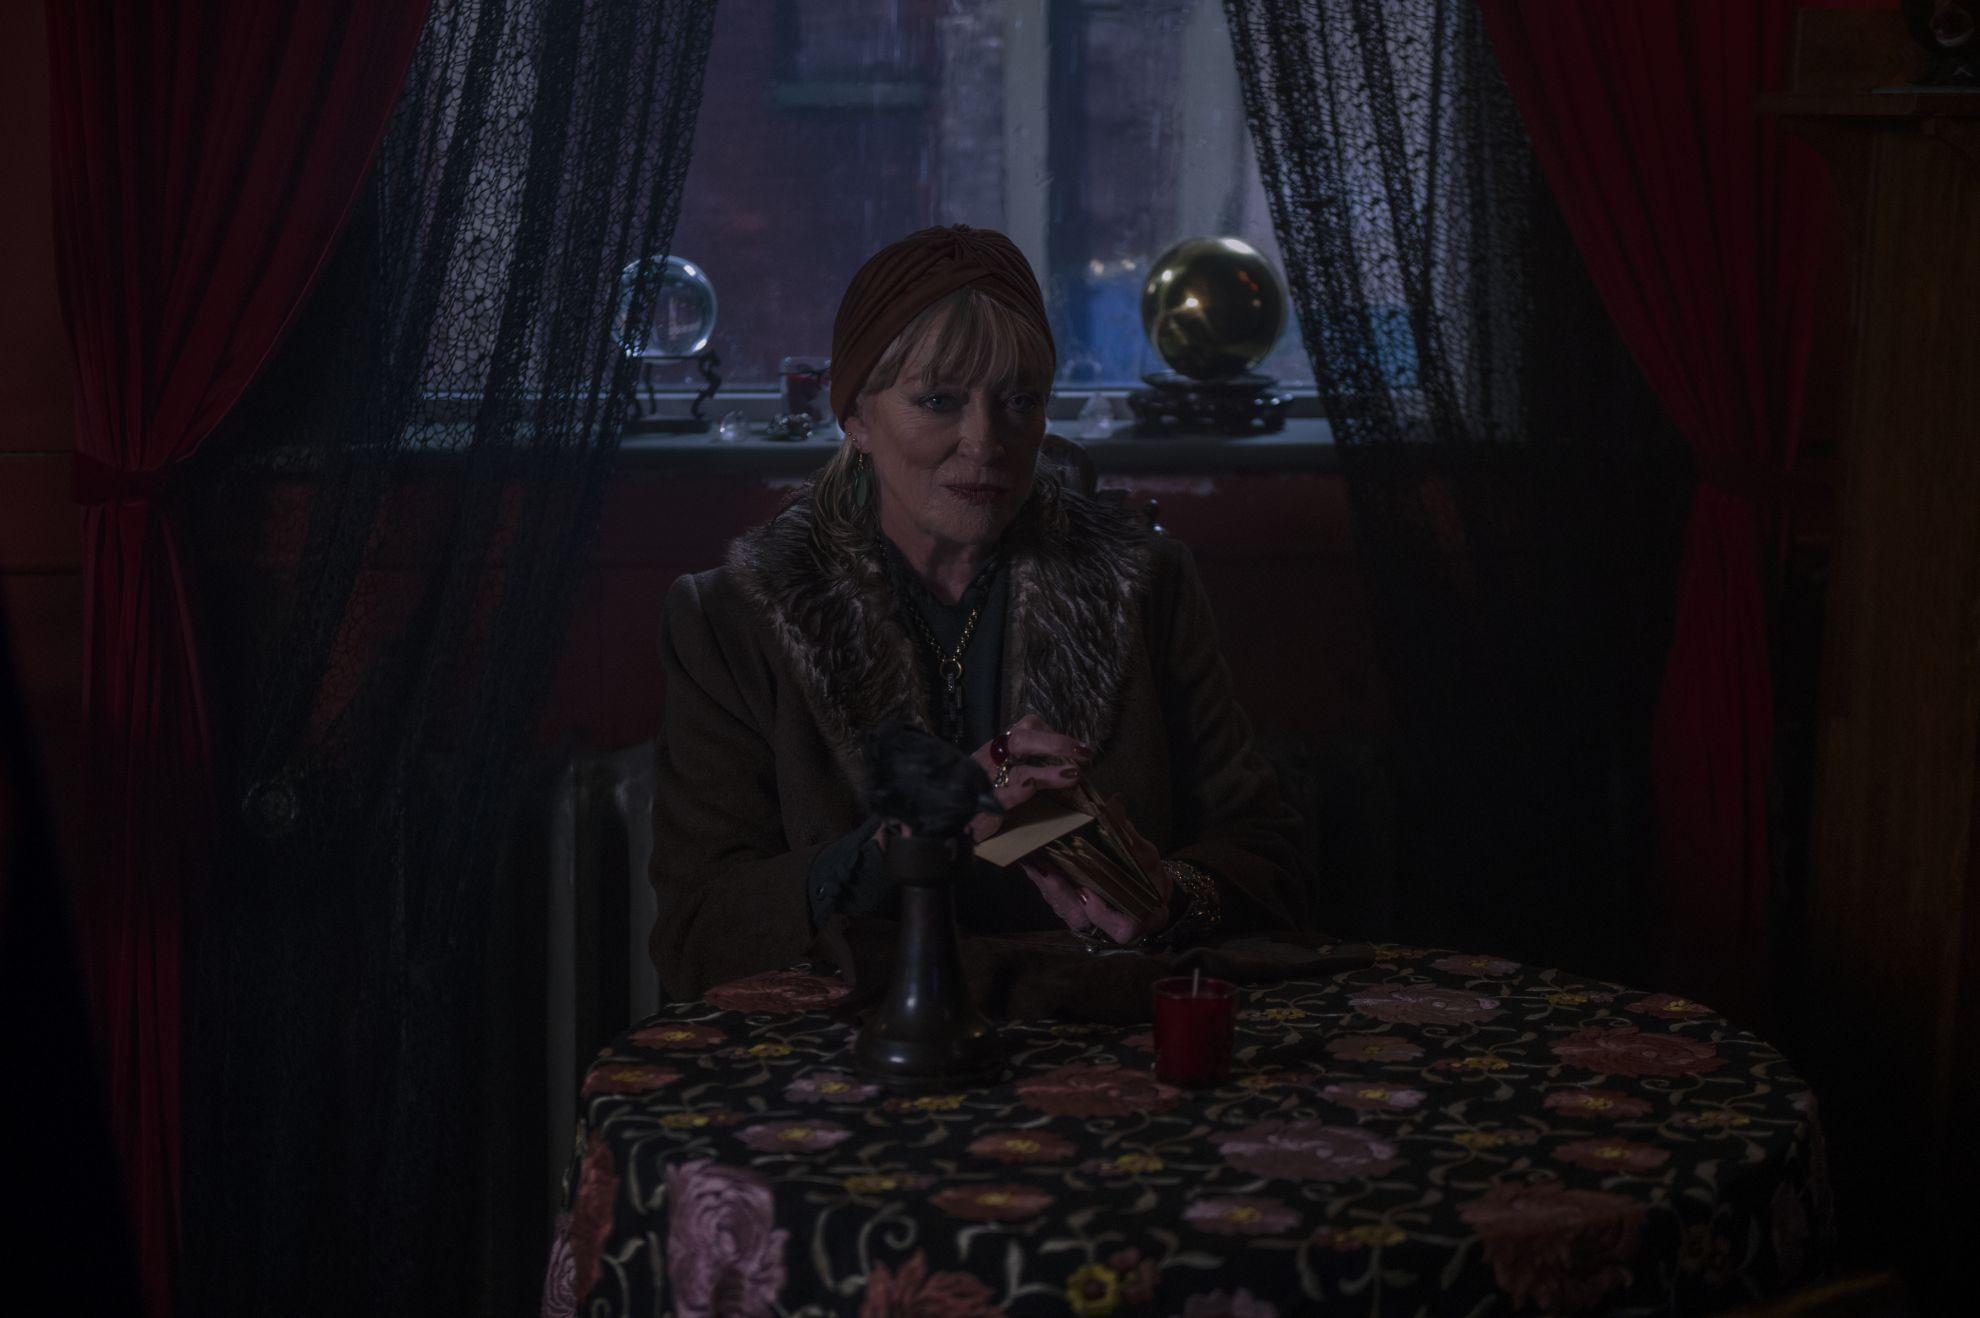 Le terrificanti avventure di Sabrina: un'immagine della serie, seconda stagione